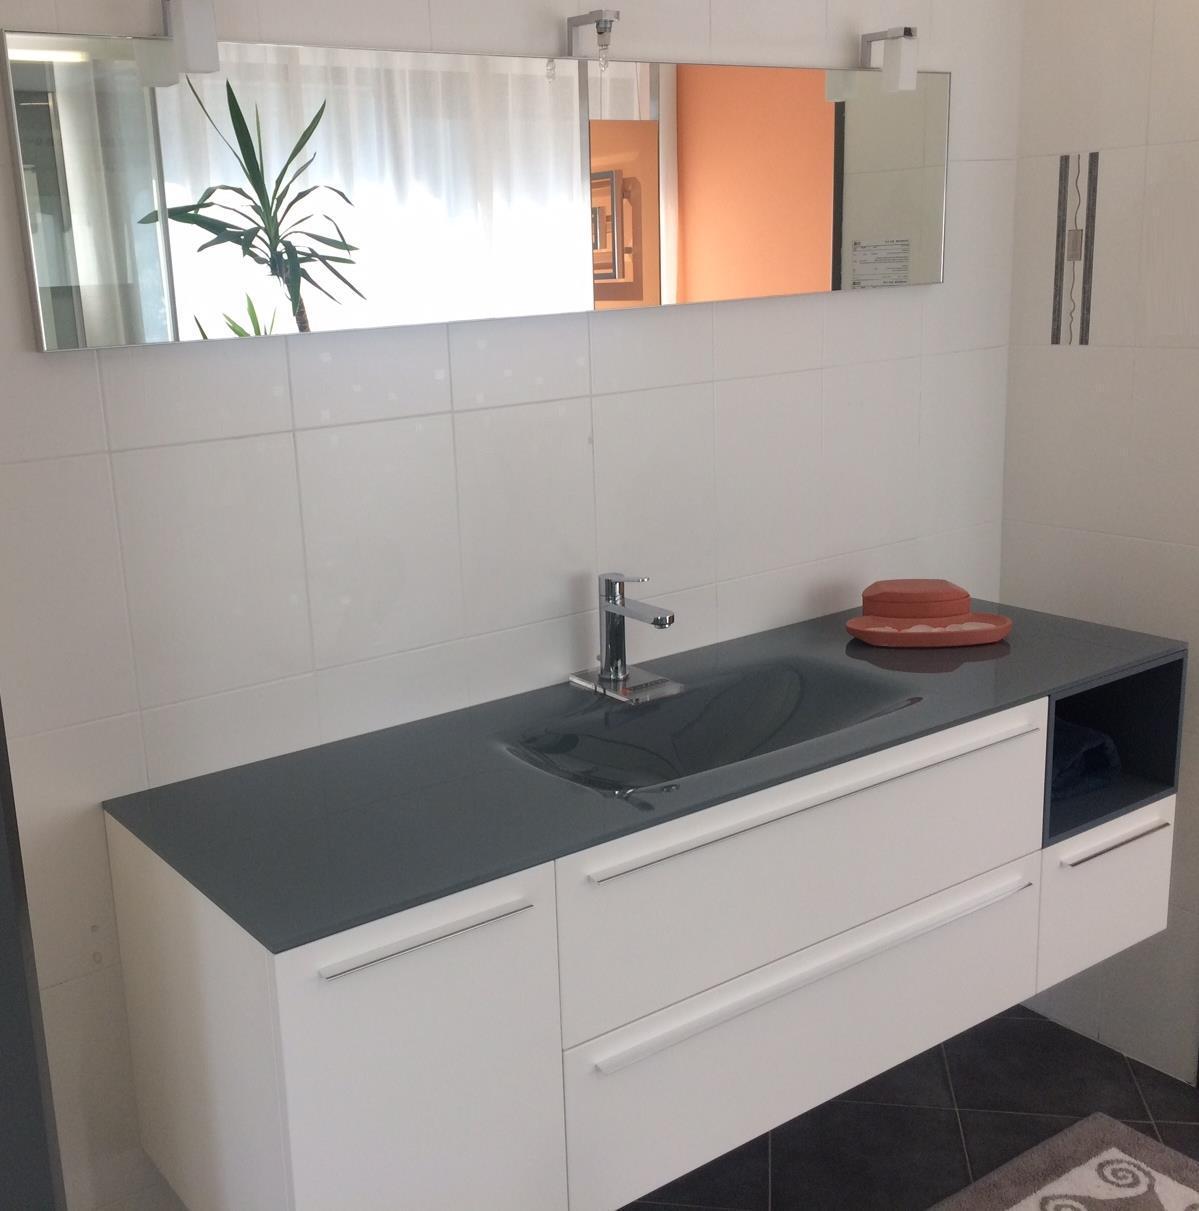 Outlet sanitari i migliori prodotti a prezzi vantaggiosi in alto adige mobile da bagno idea - Mobile bagno fly ...